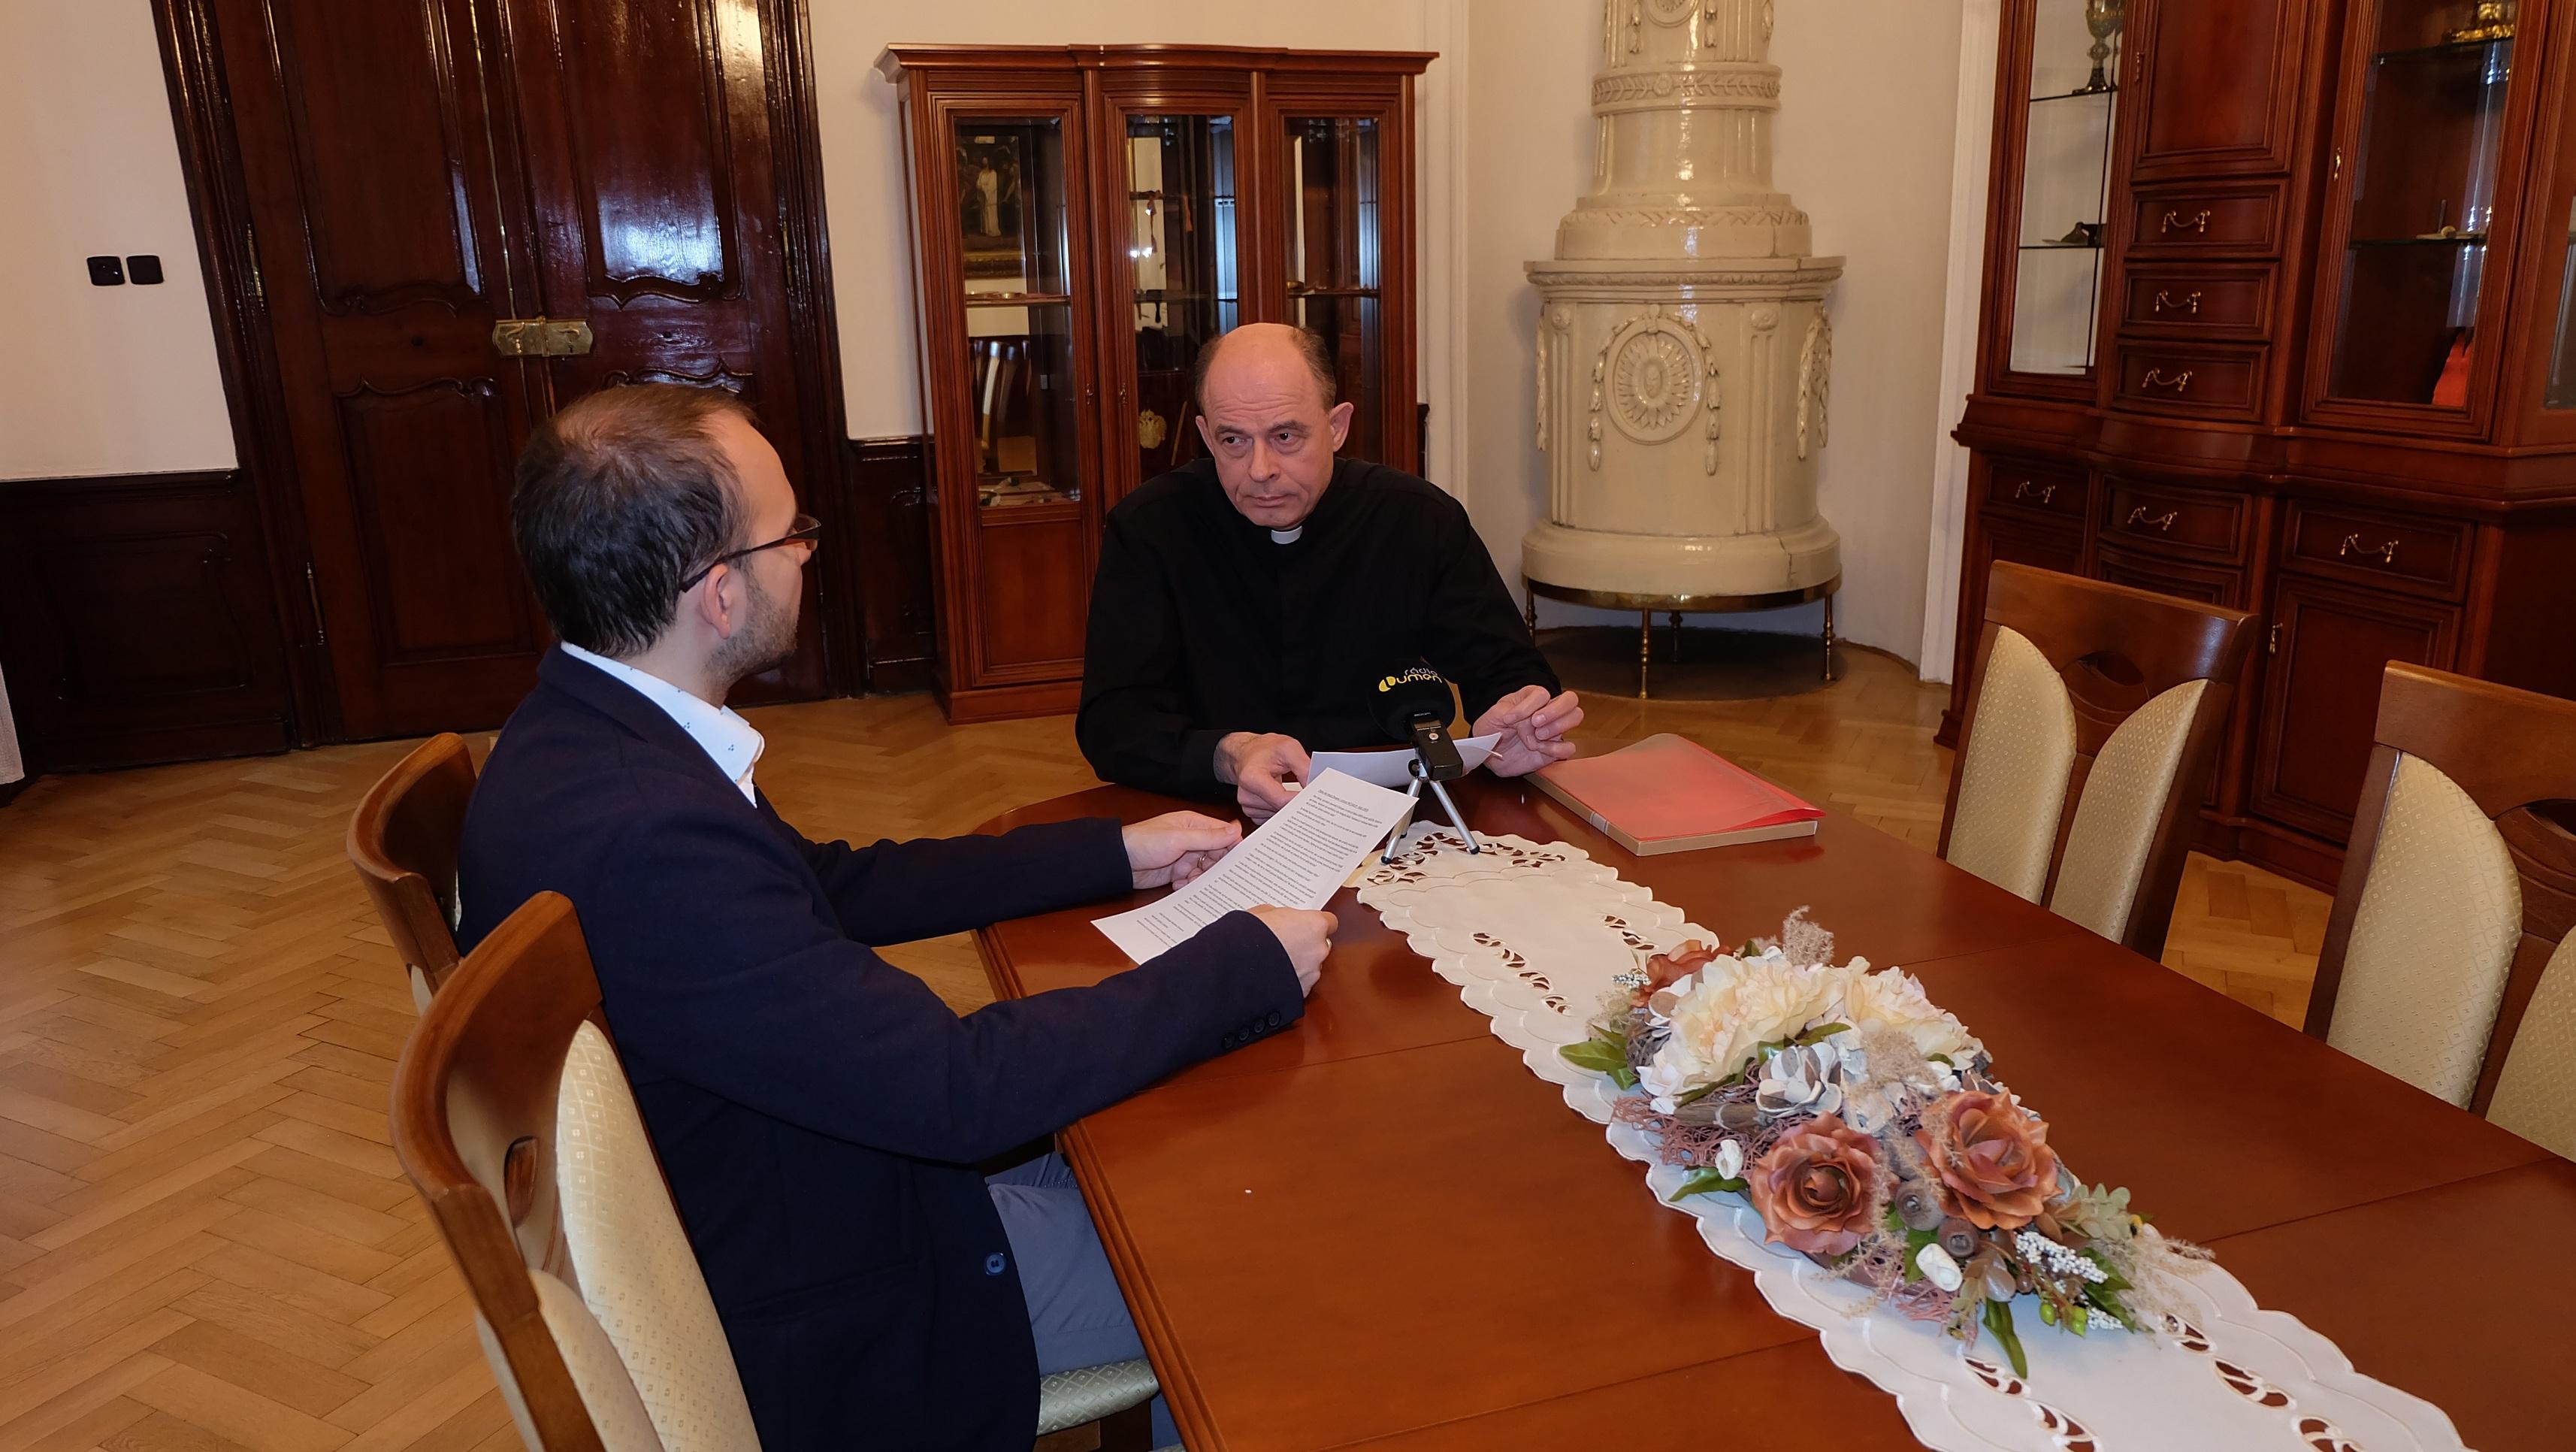 Biskup Marián Chovanec v rozhovore s redaktorom Ivom Novákom